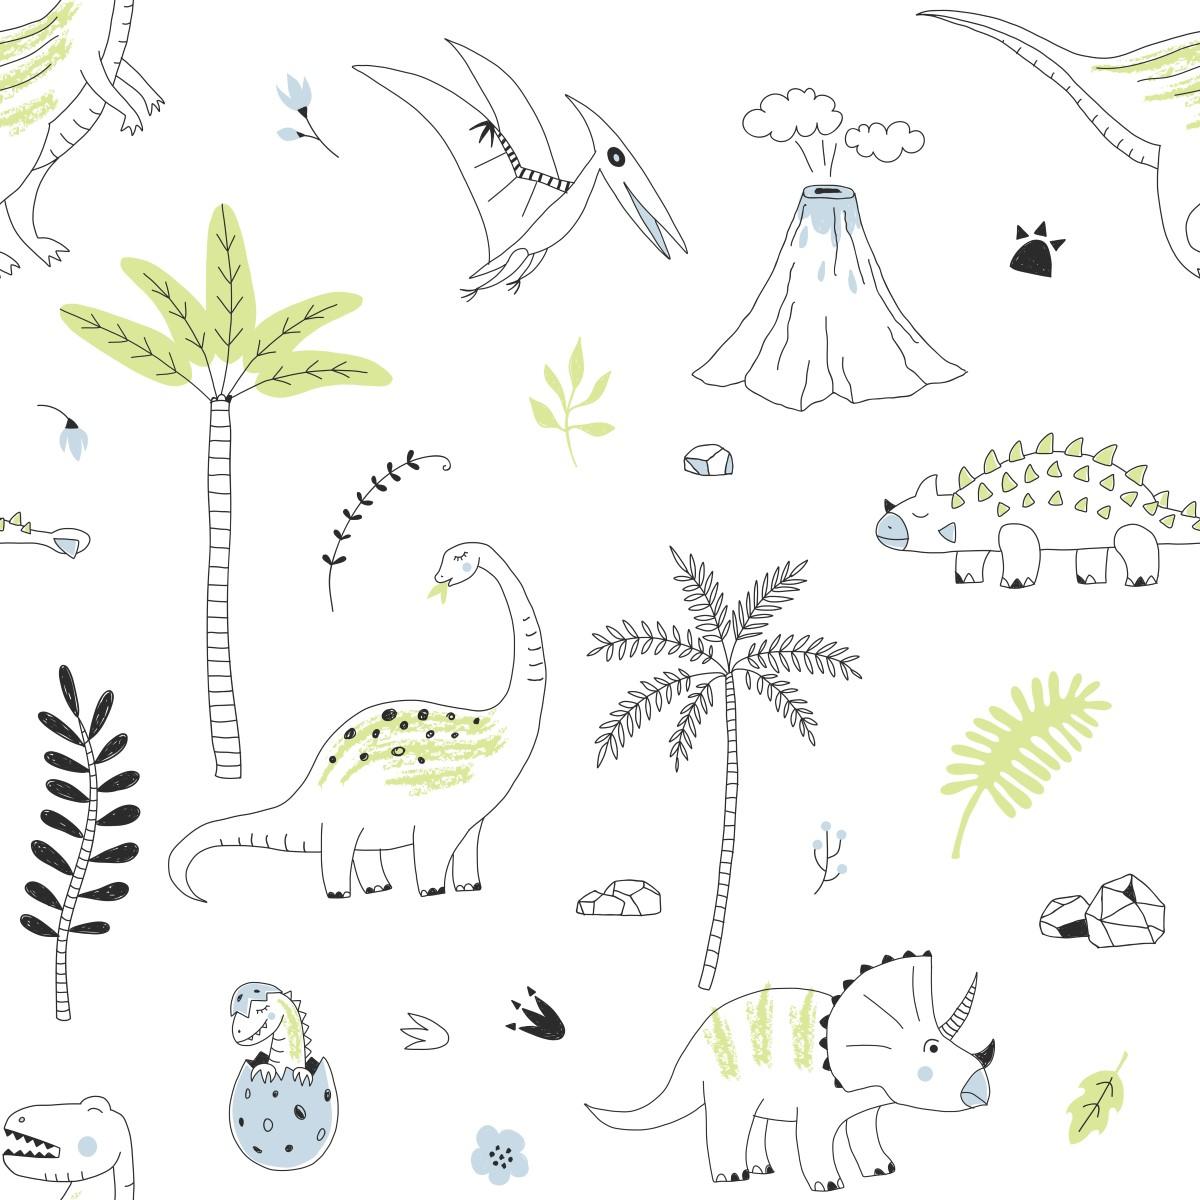 Papel de parede adesivo dinossauros stickdecor for Papel decomural infantil